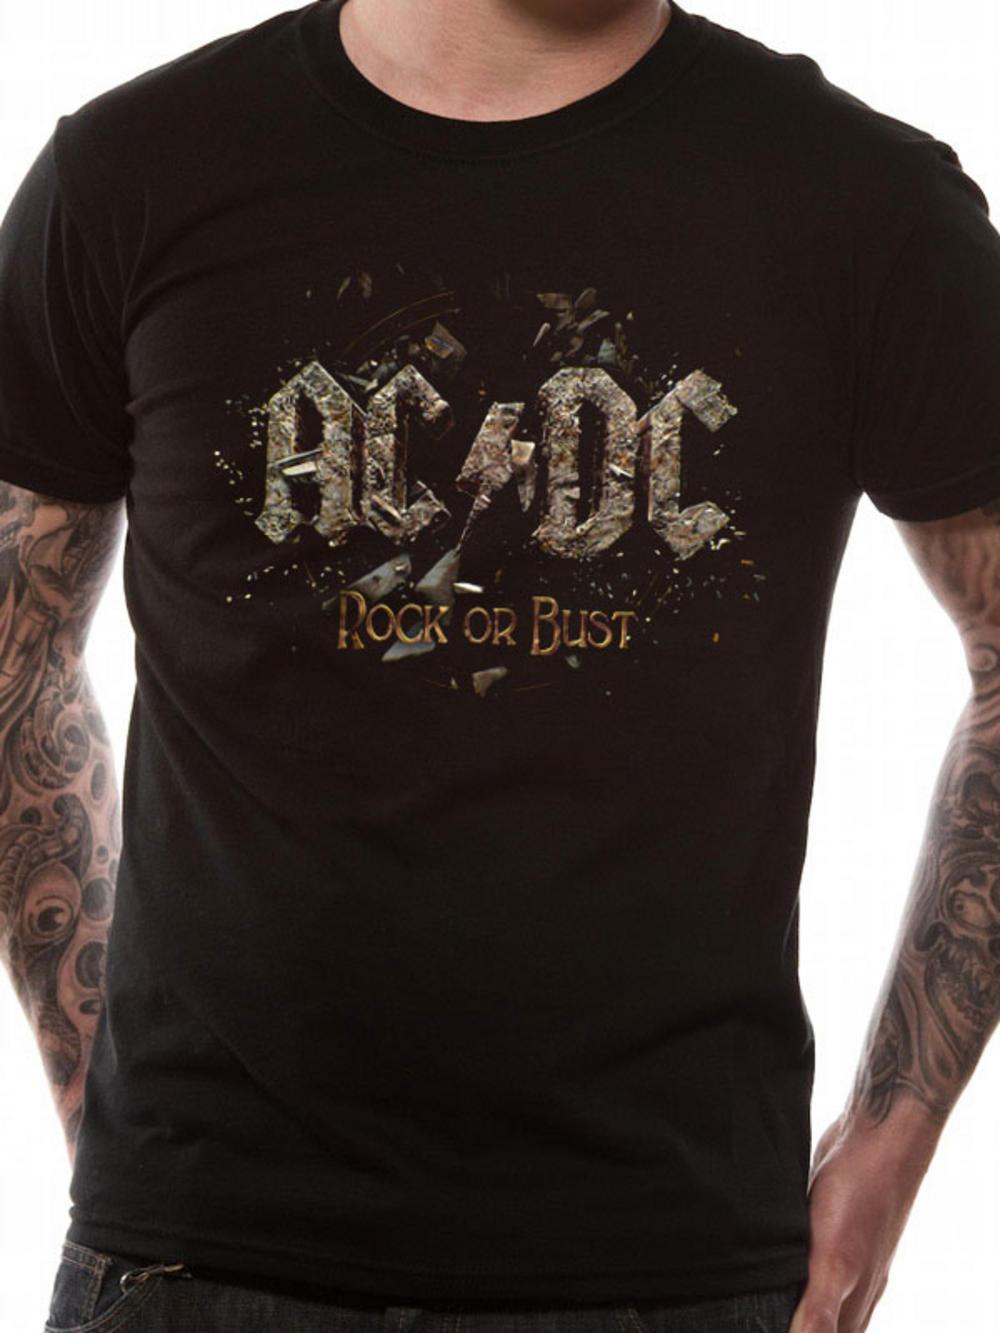 ac dc rock or bust t shirt tm shop. Black Bedroom Furniture Sets. Home Design Ideas